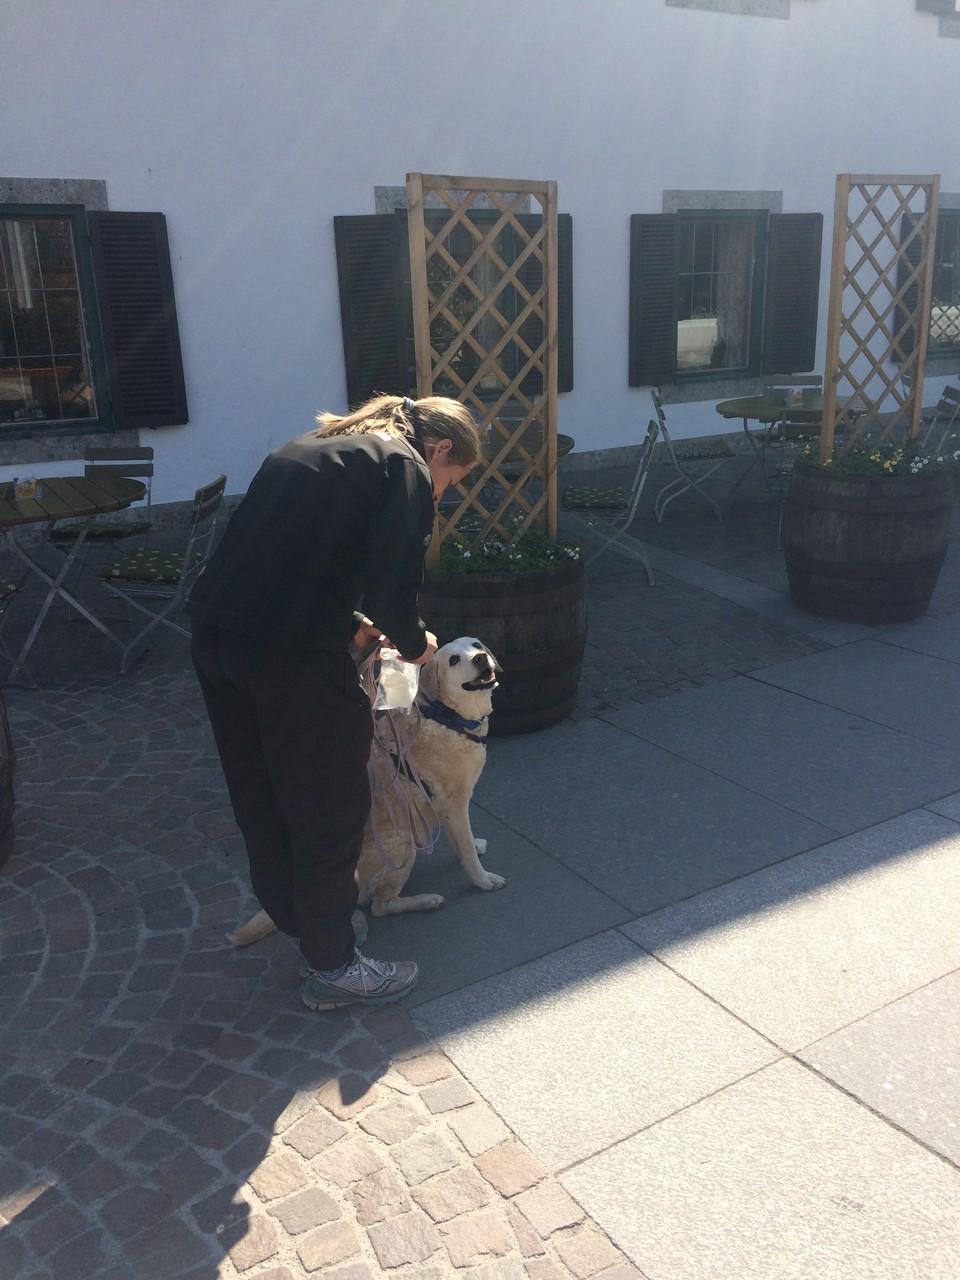 Trailen auf Asphalt - eine Herausforderung für Mensch und Hund